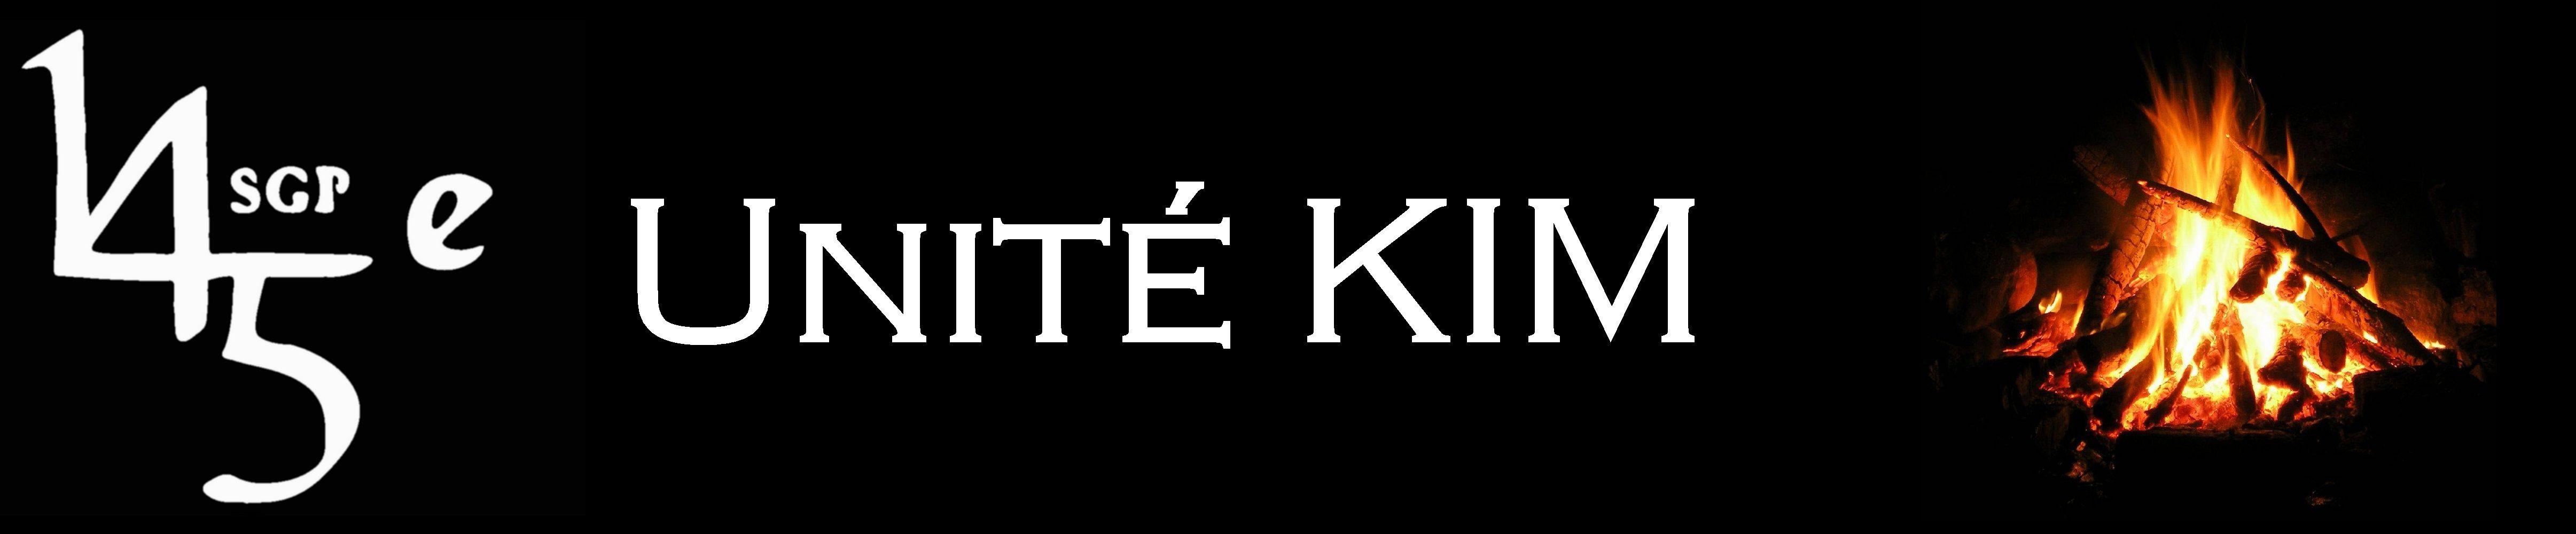 145 Unité KIM